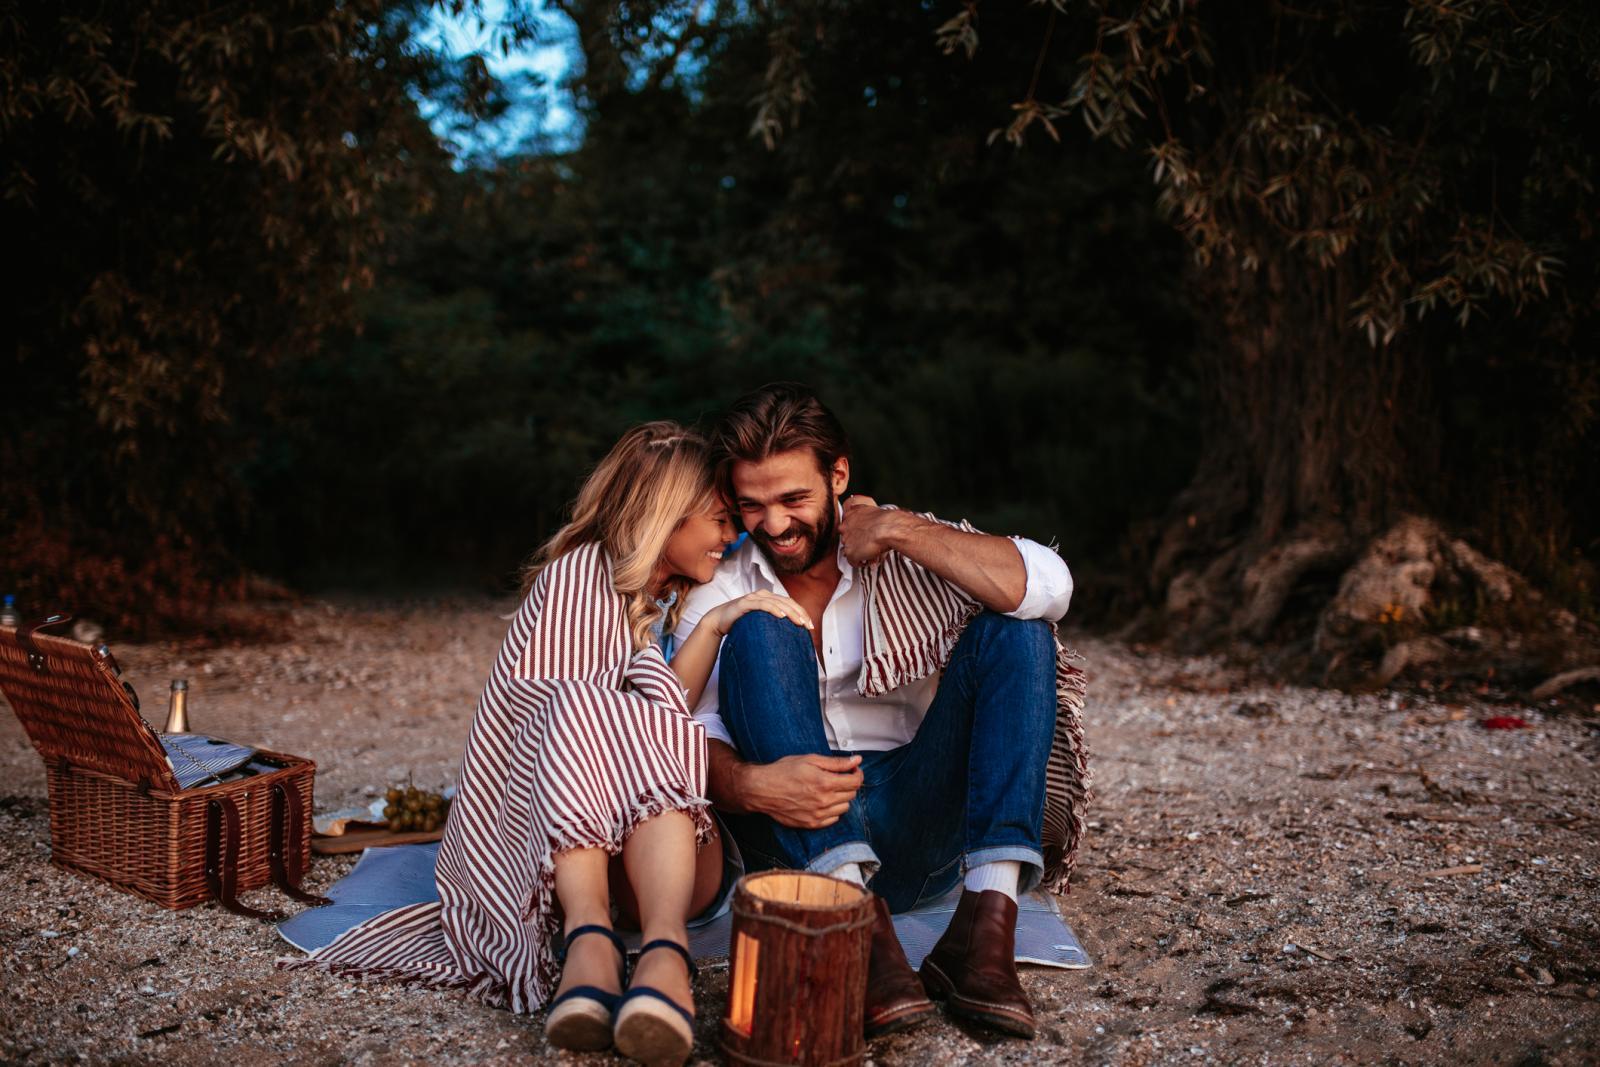 Sasvim je normalno da gotovo stalno želite biti s partnerom, ali važno je i priznati činjenicu da je i vrijeme koje provodite odvojeno vrlo bitno.